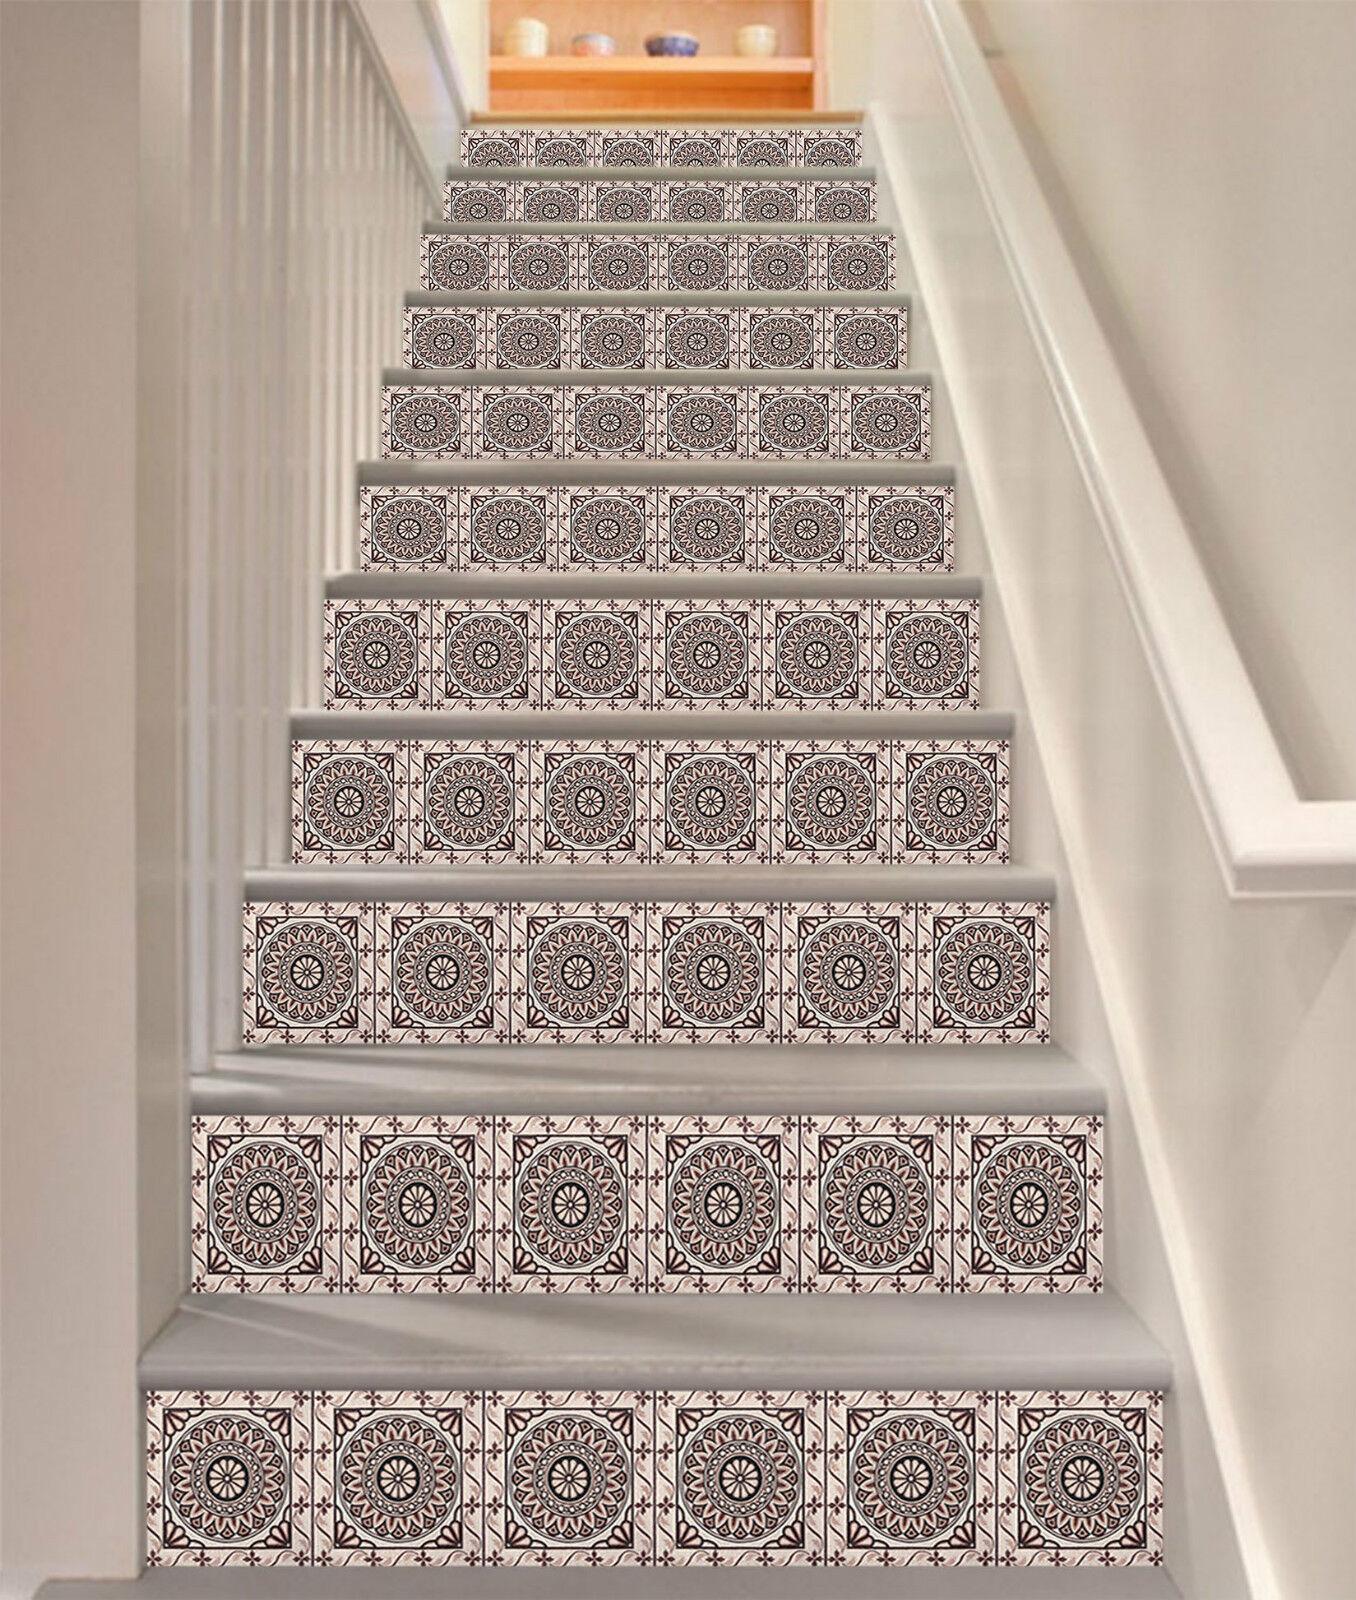 3D Textur 572 Stair Riser Dekoration Fototapete Vinyl Aufkleber Tapete DE Lemon